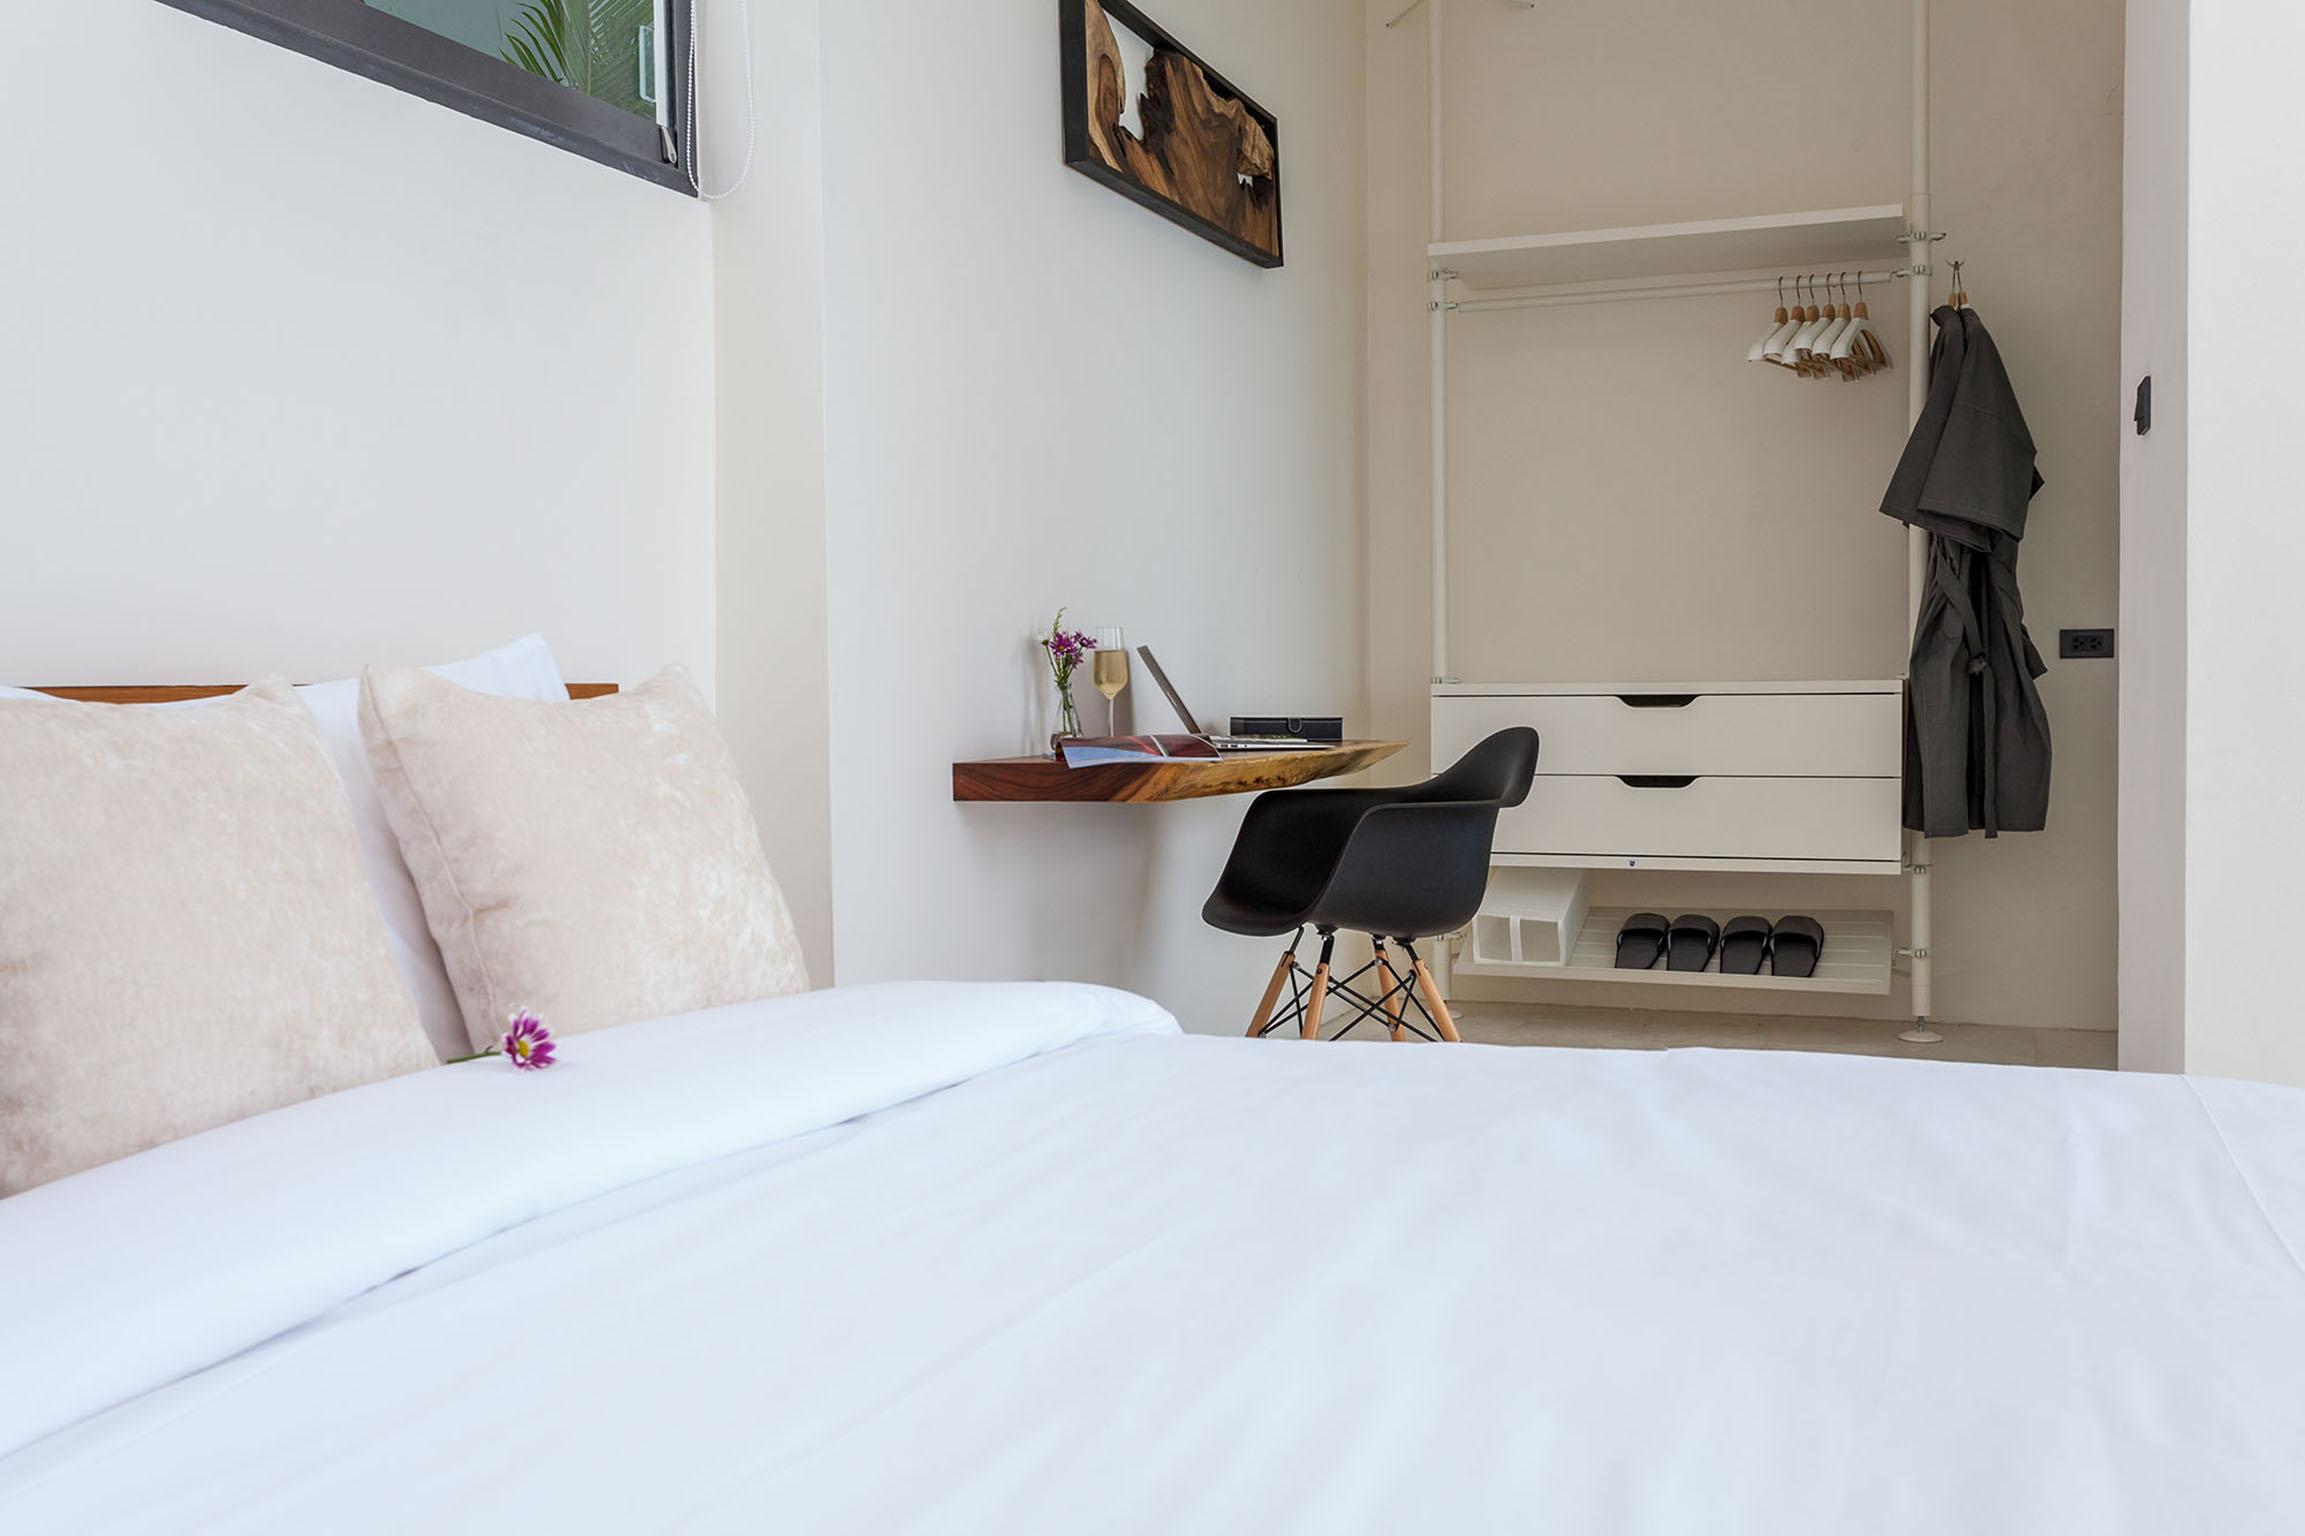 Bedroom with wooden desk